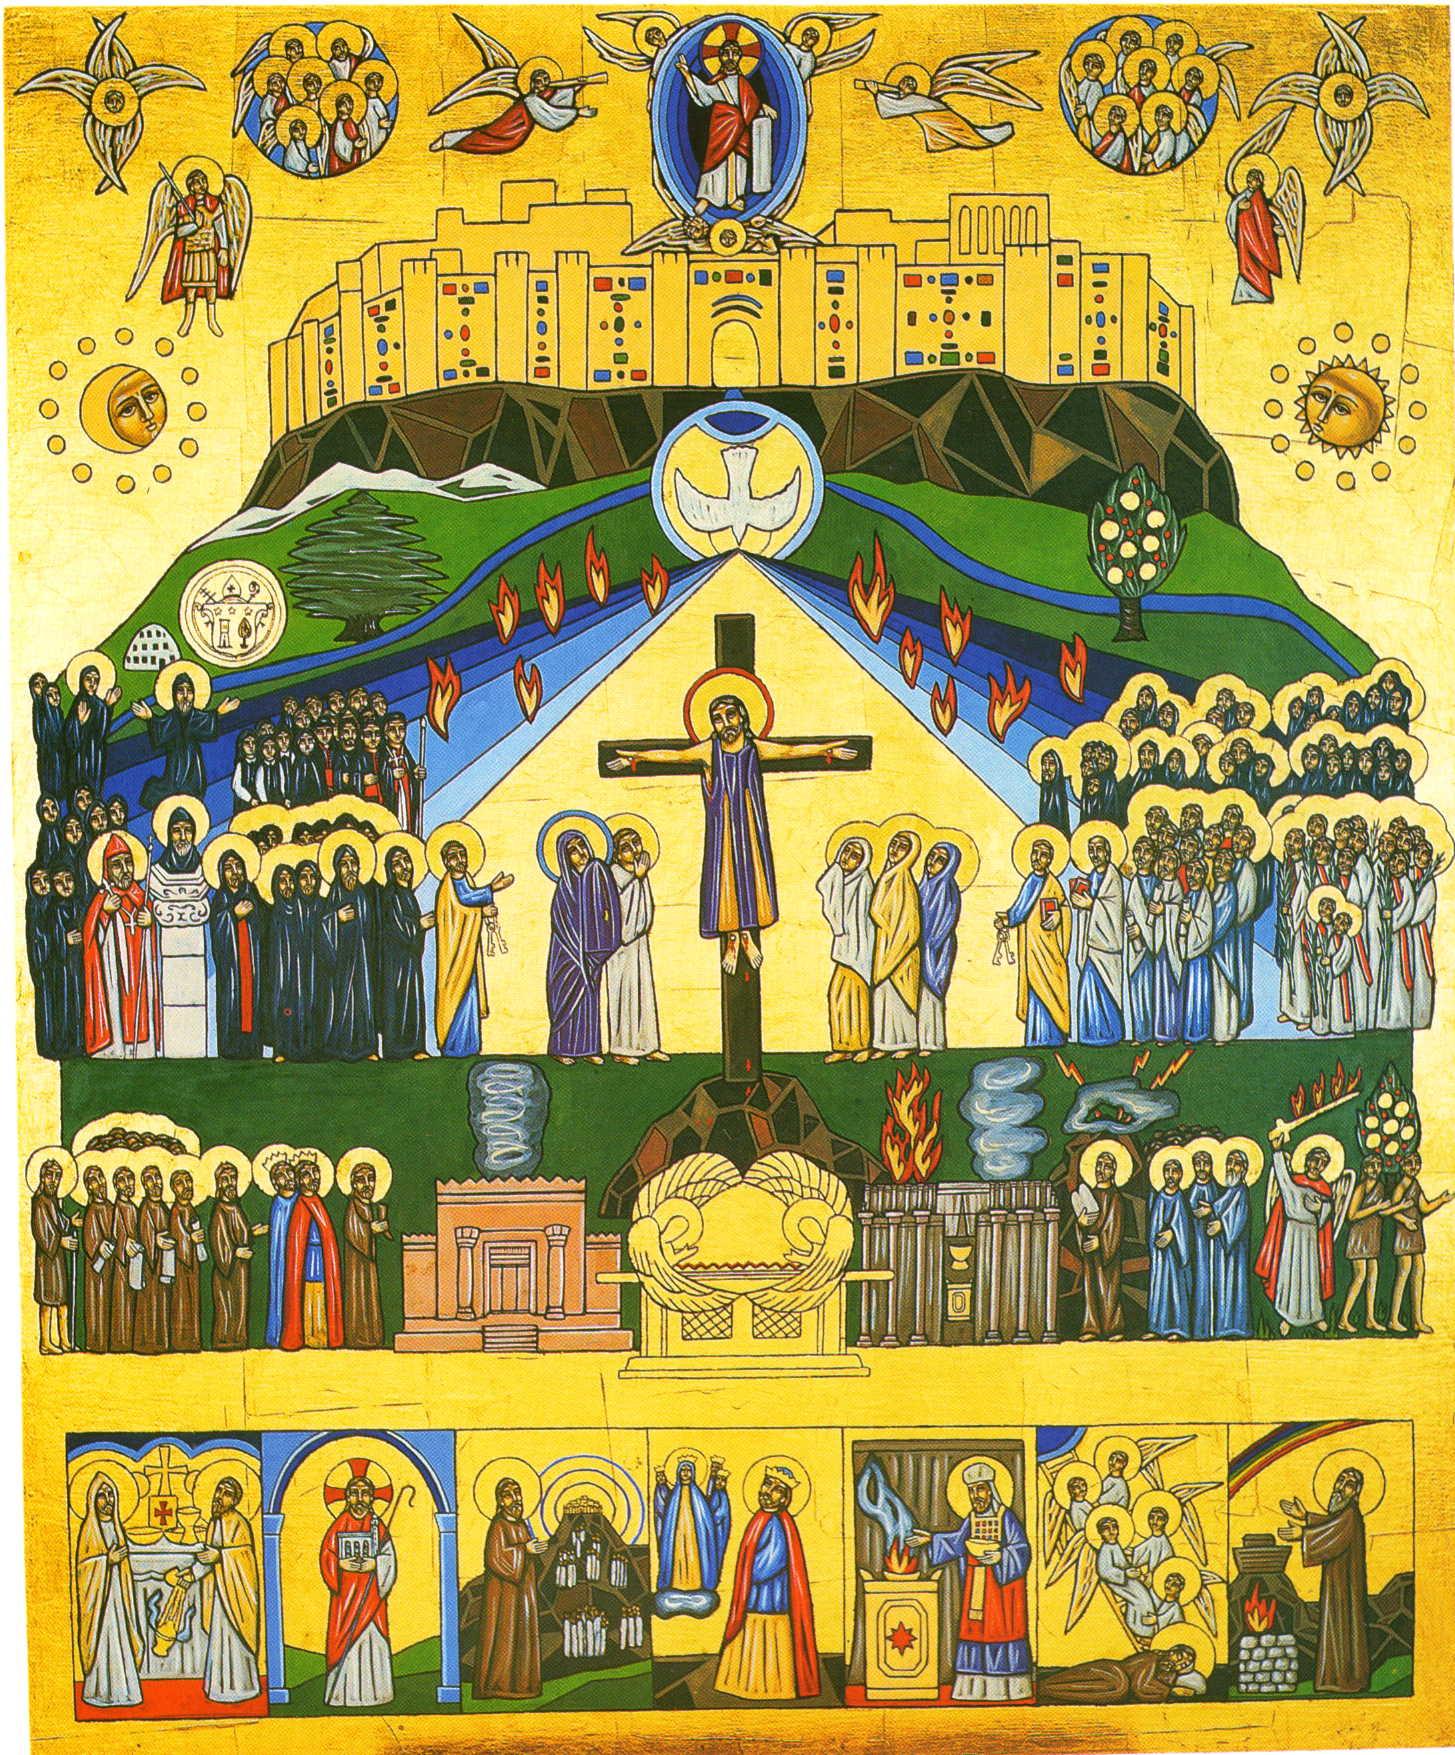 Consagração da Igreja | Programa Memórias do Libano